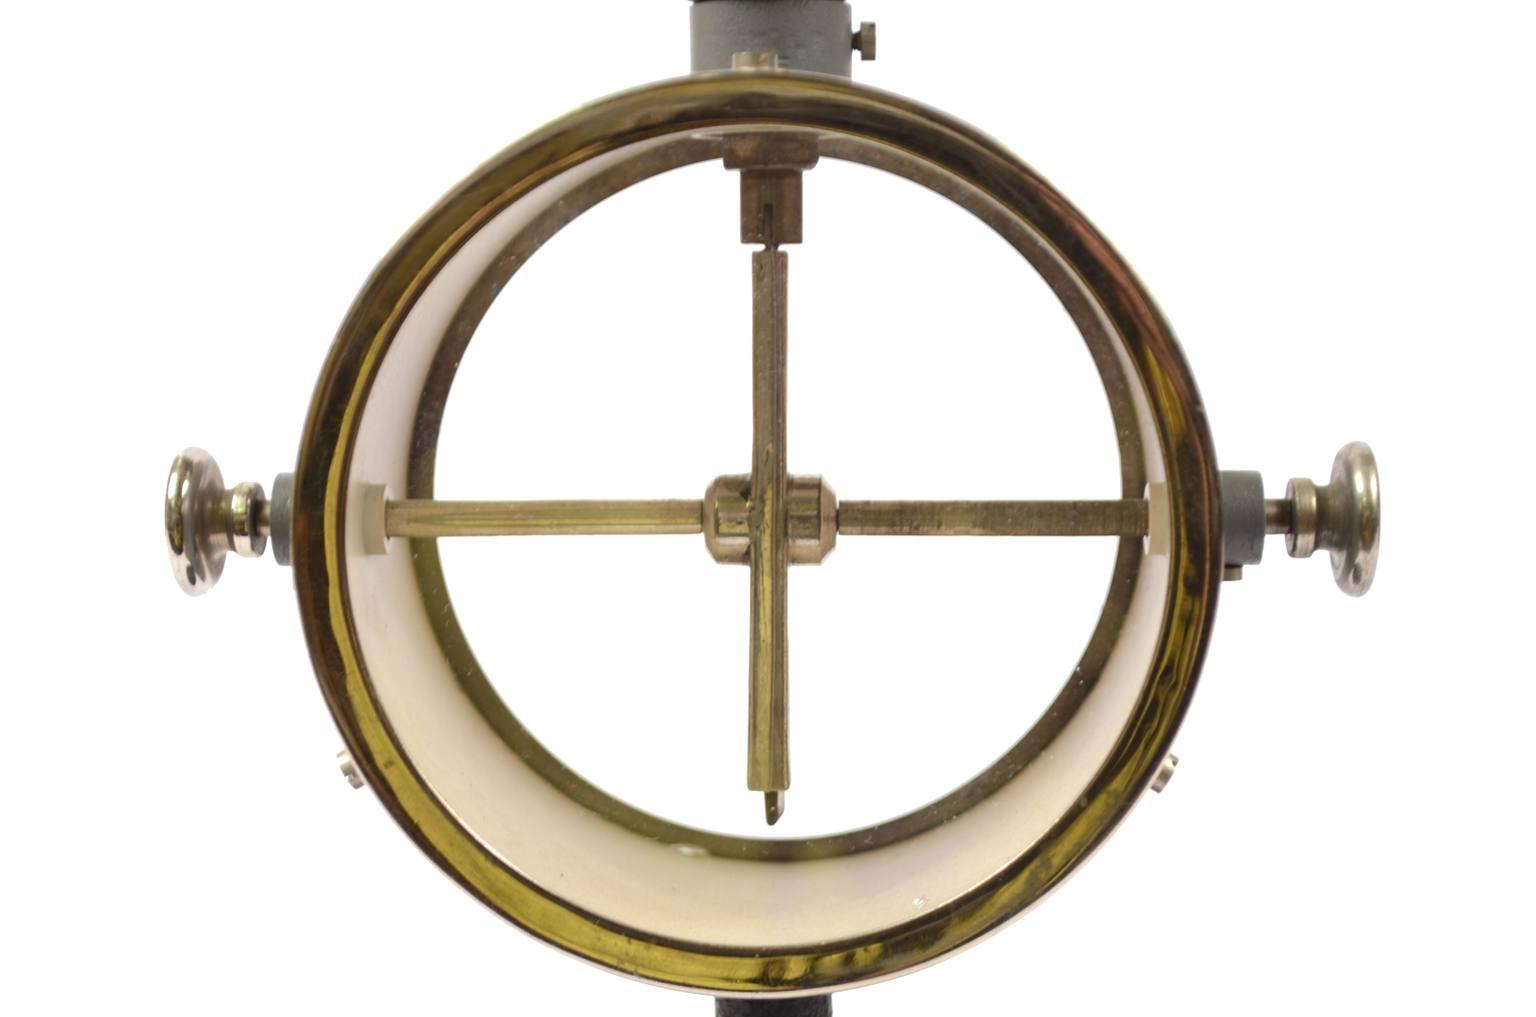 Strumenti di misura antichi/A10-Elettroscopio antico